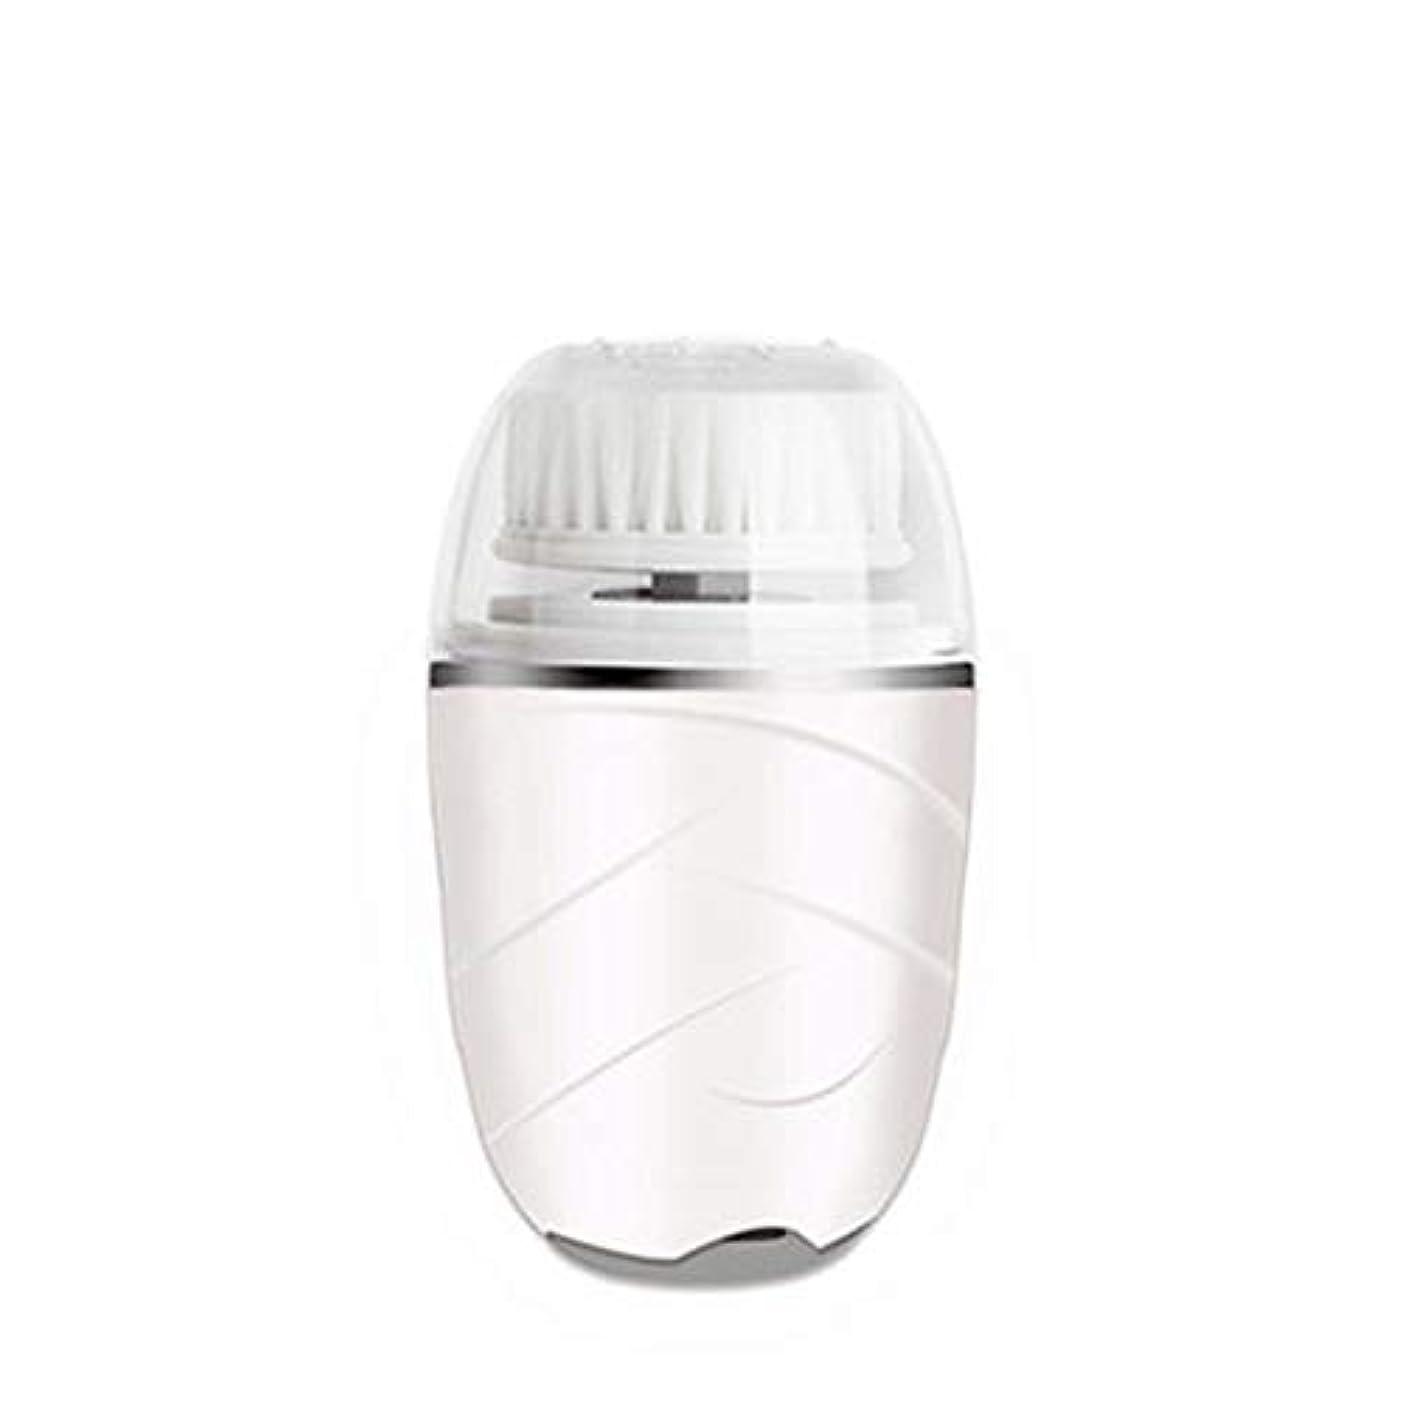 ほんのラップトップ証明書HEHUIHUI- クレンジングブラシ、防水ディープクレンジングポア、電気剥離、にきび、アンチエイジングクレンジングブラシ(ピンク) (Color : White)